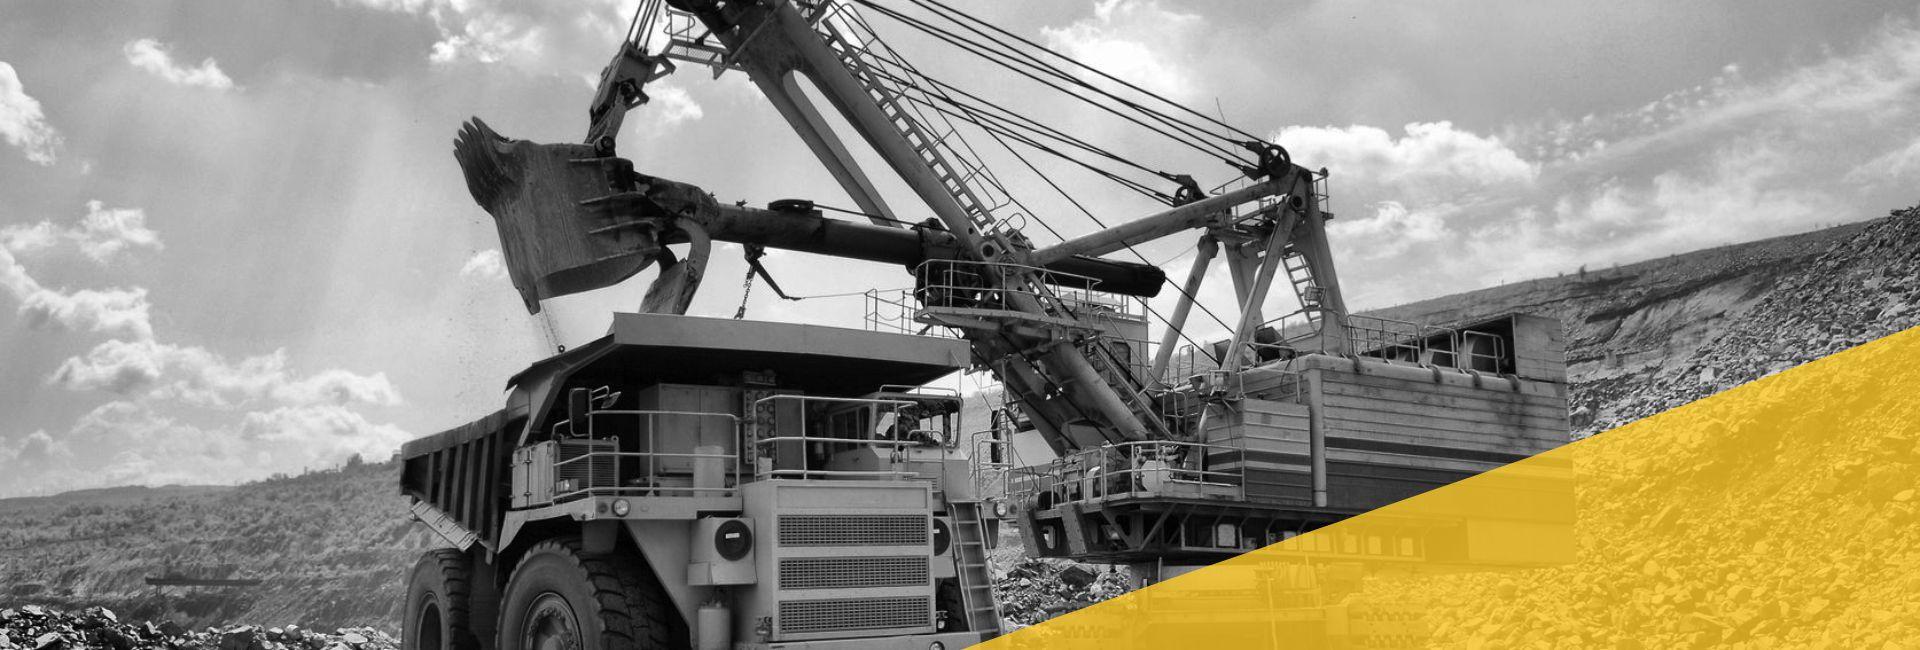 Expertise em projetos mineração   Expertise in mining projects   Licitações e Concessões - Public Bid